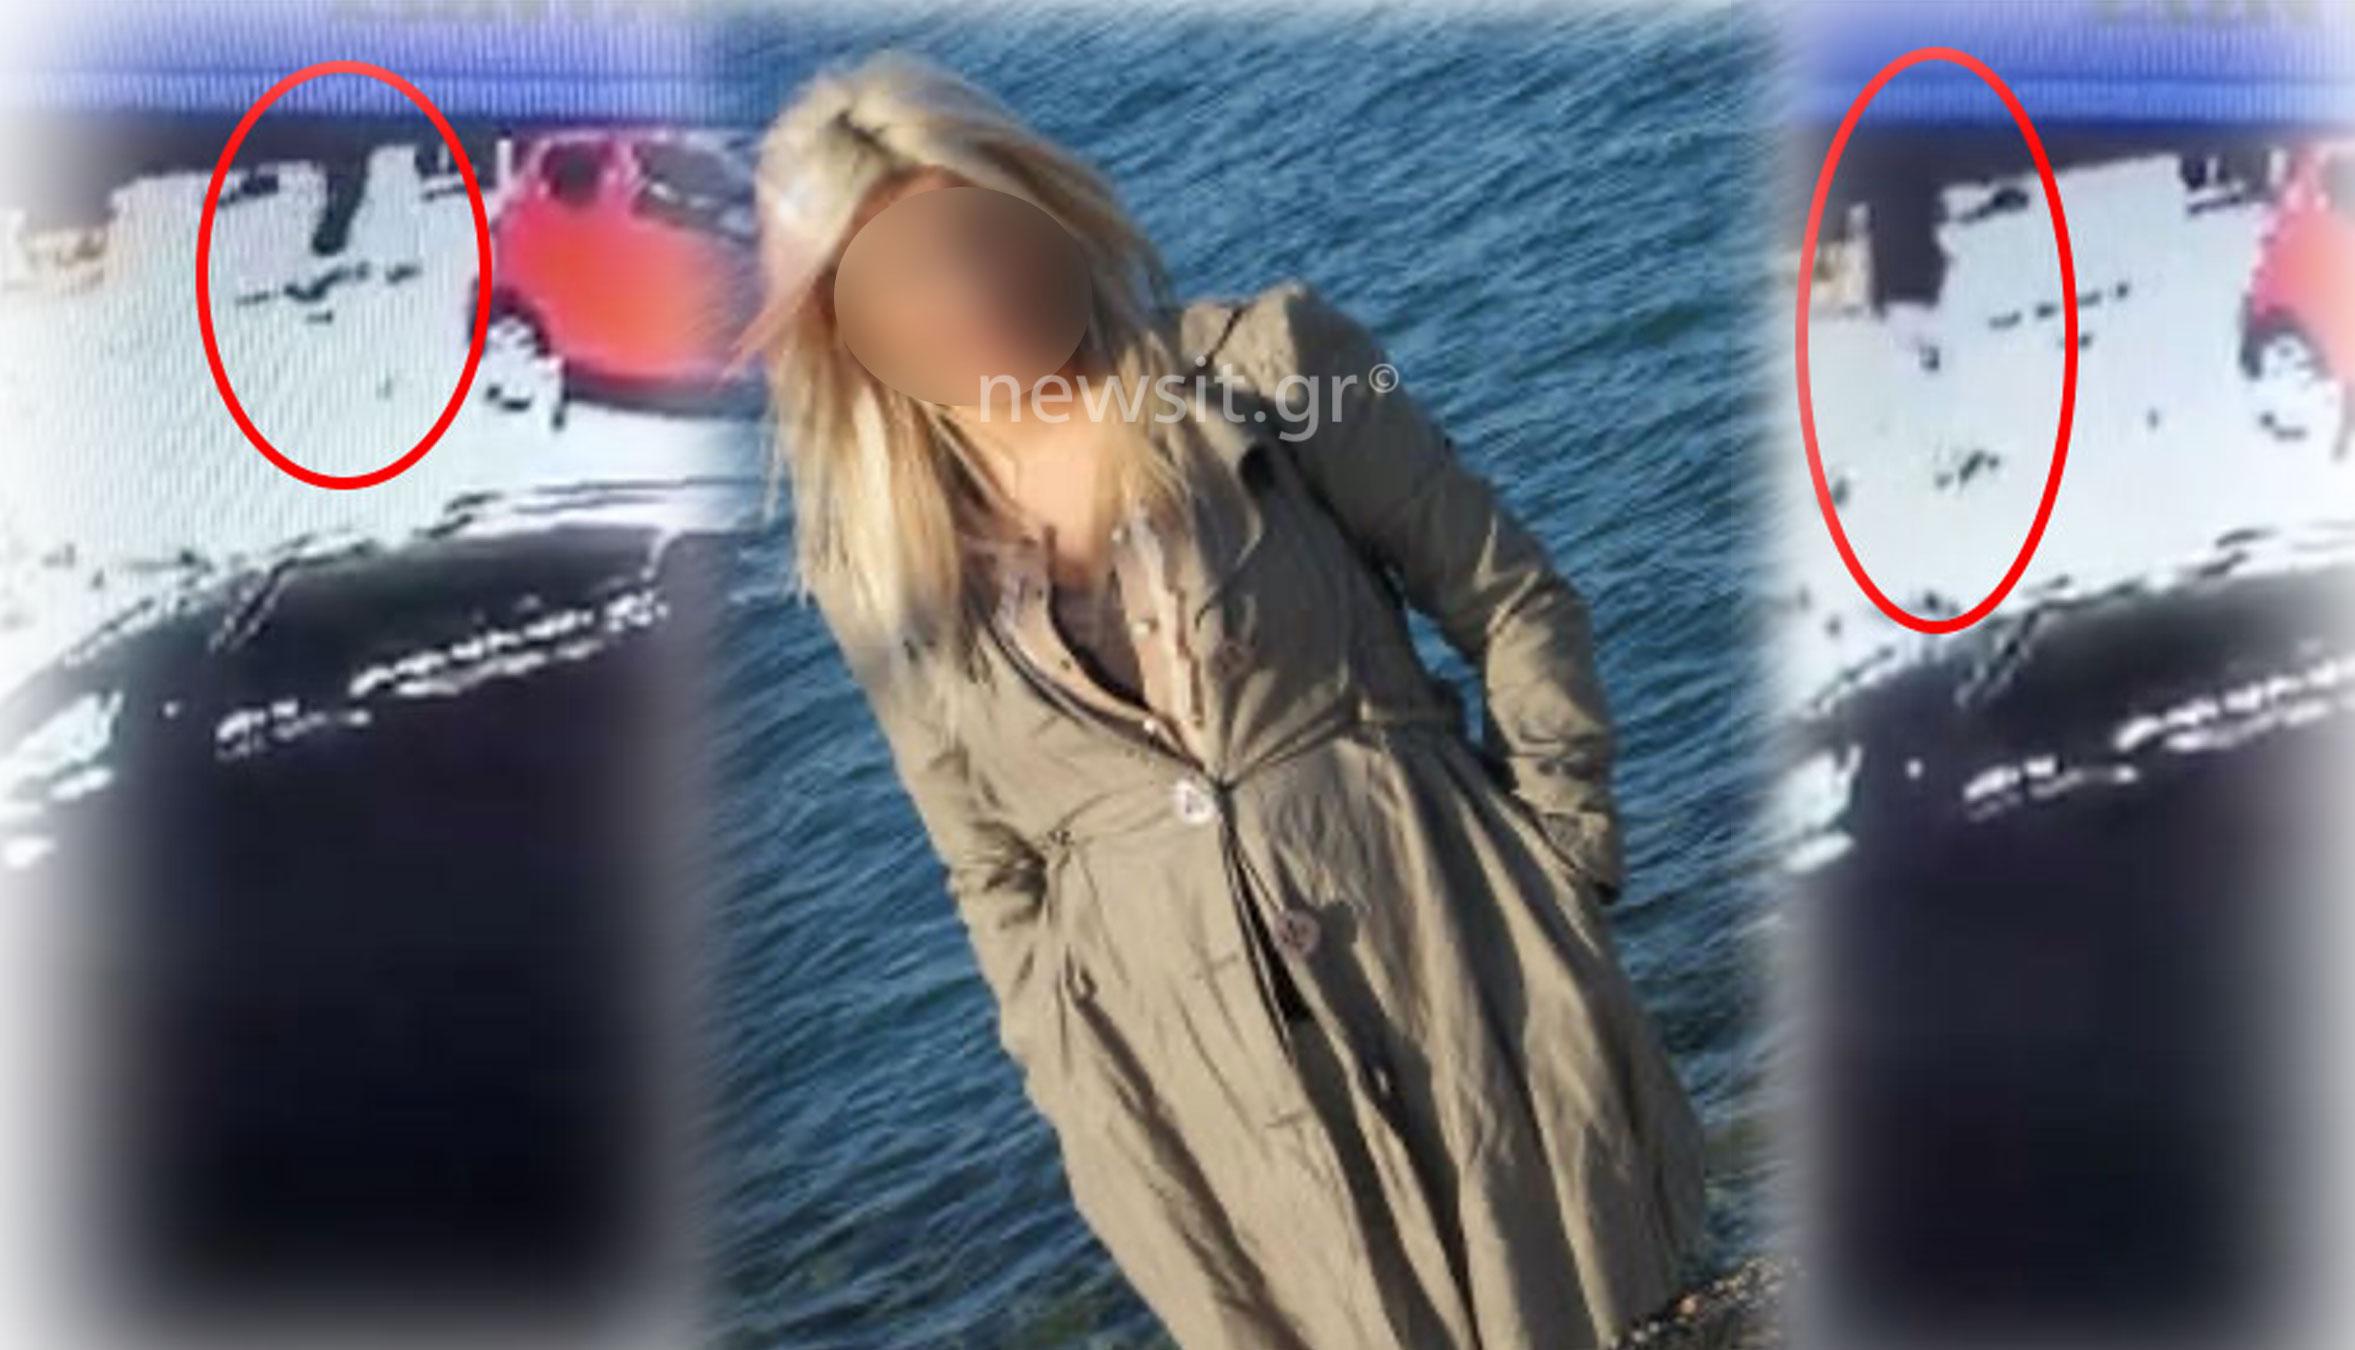 Βιτριόλι: Η στιγμή της σύλληψης της 35χρονης – Βίντεο ντοκουμέντο με την ίδια να προσπαθεί να διαφύγει